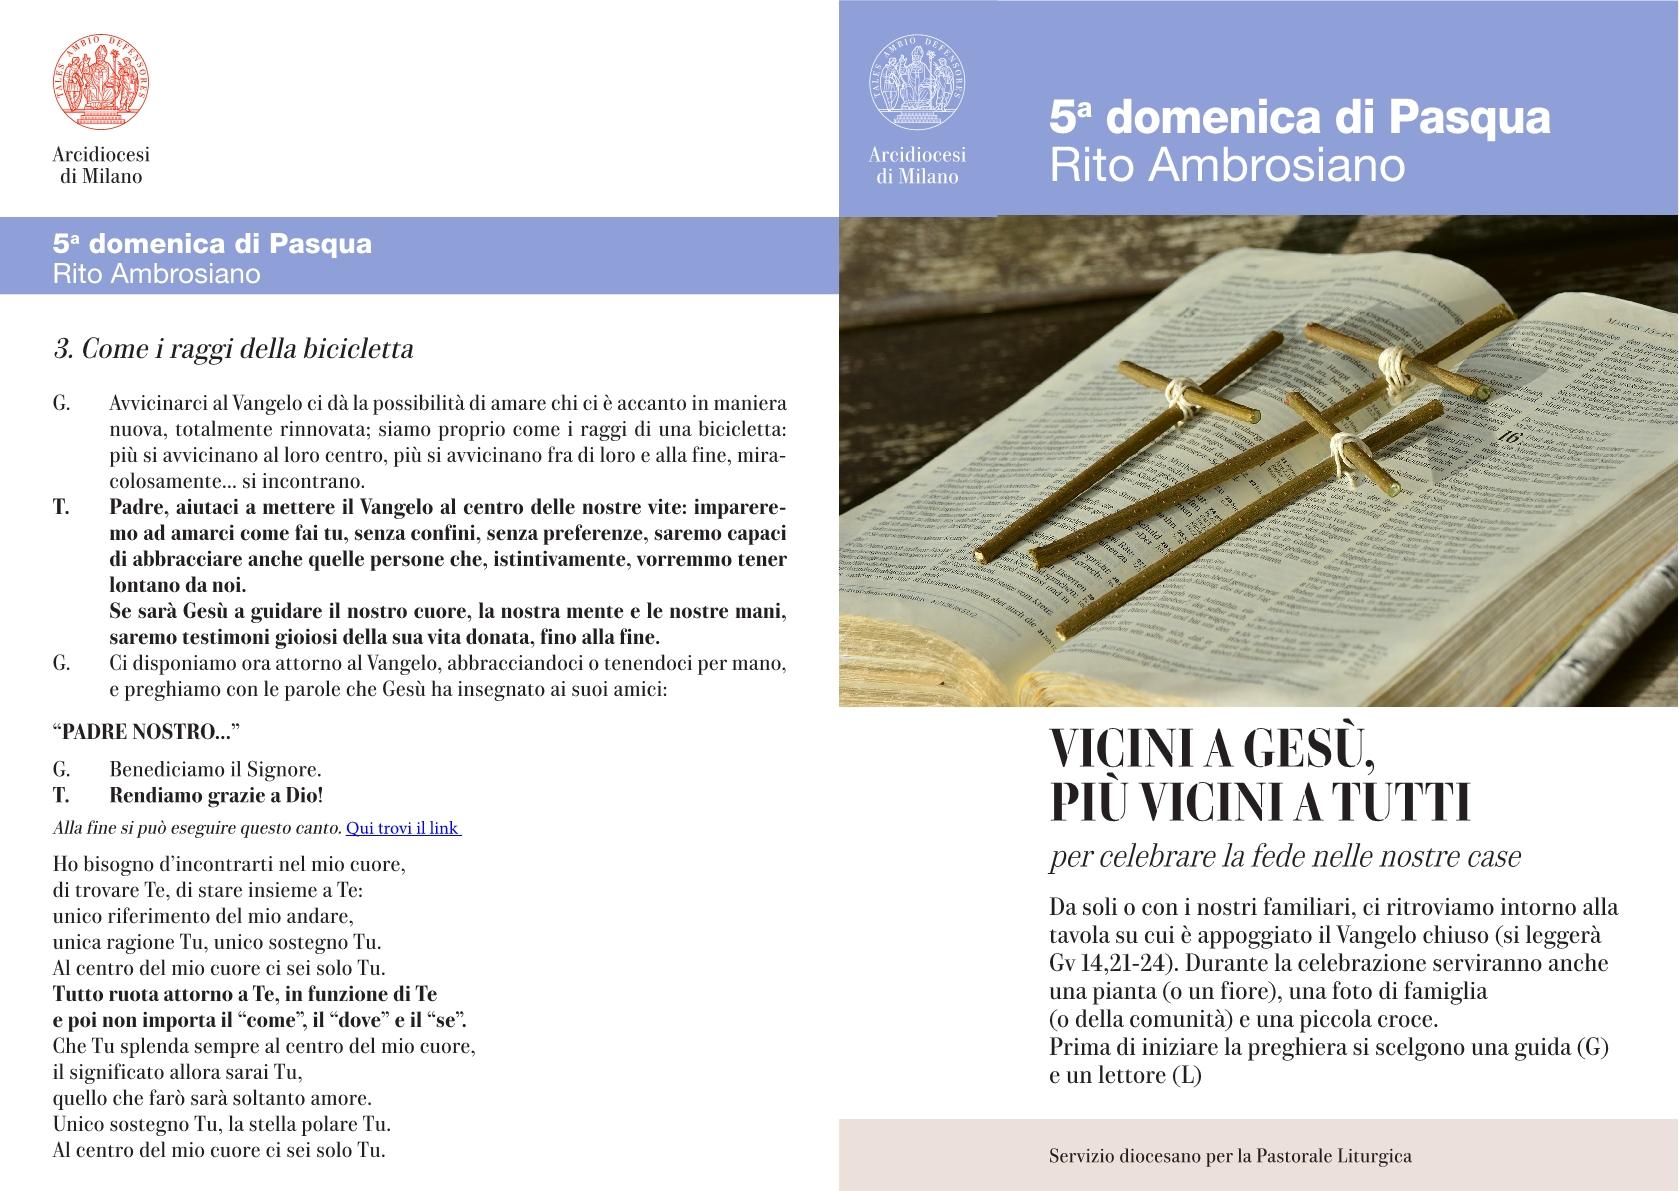 26_A5_5domenicaPasqua_10maggio_ambrosiano1